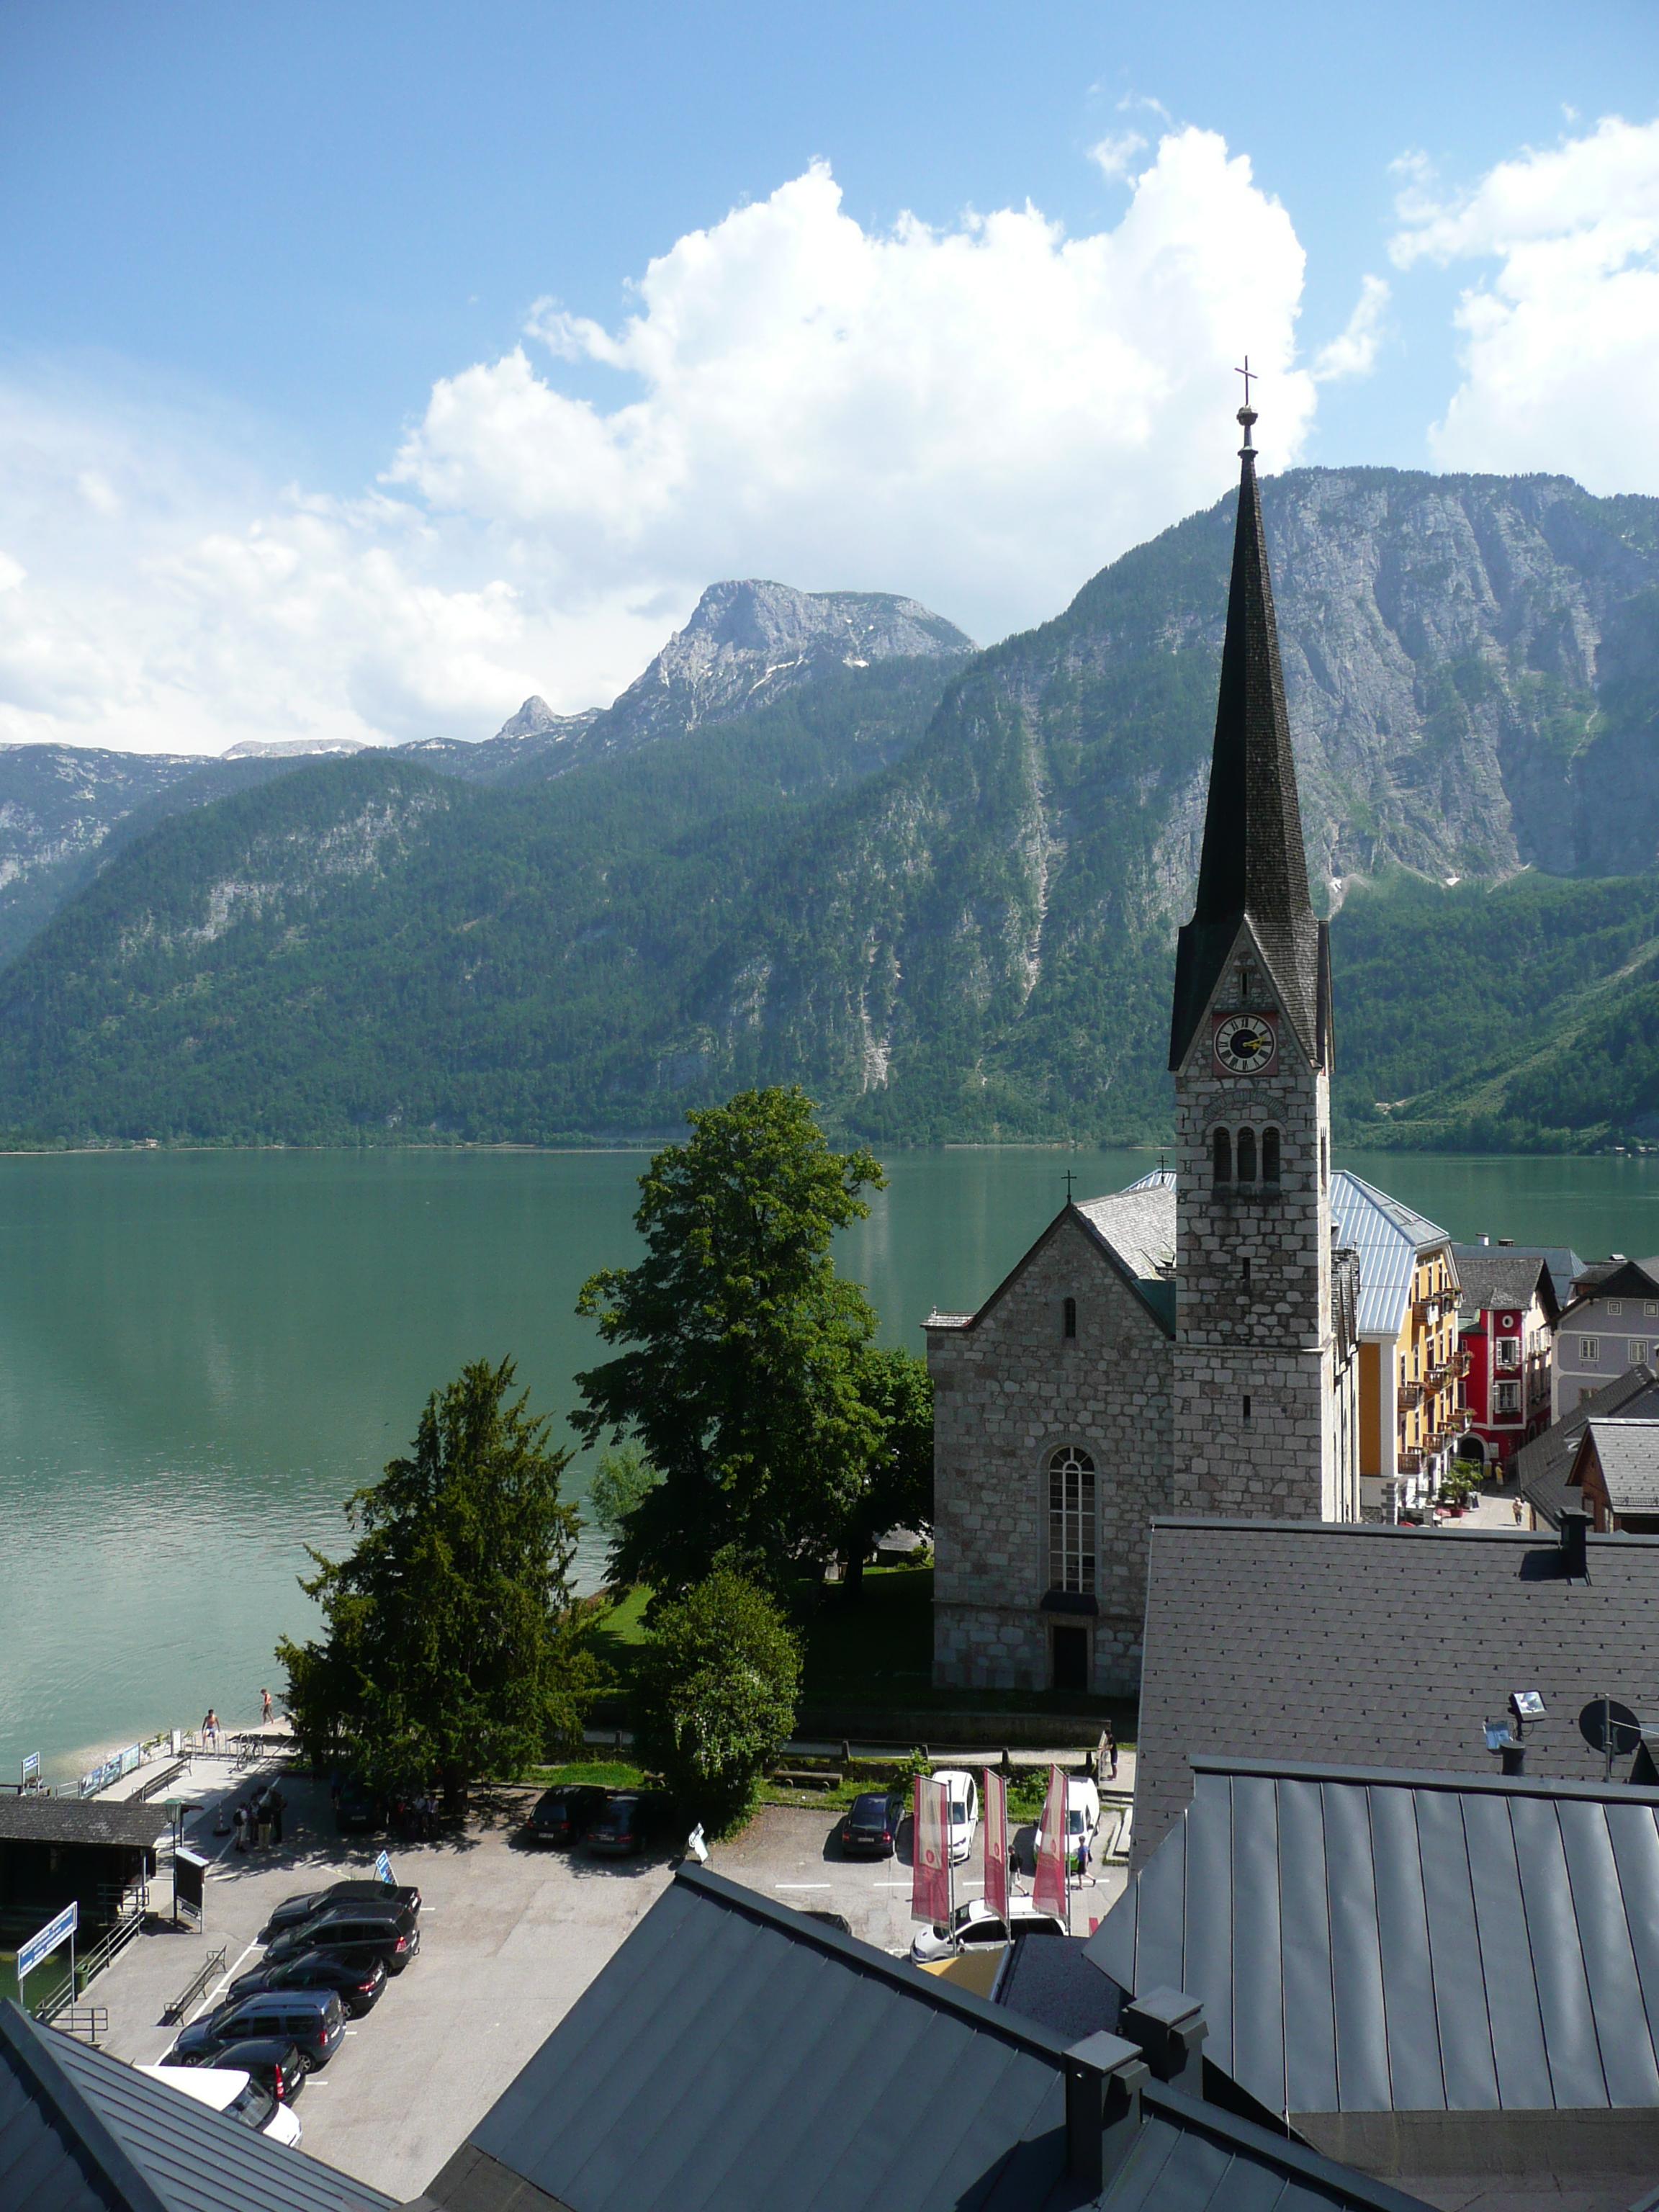 Церковь и небольшая туристическая площадь в Гальштате. Источник https://upload.wikimedia.org/